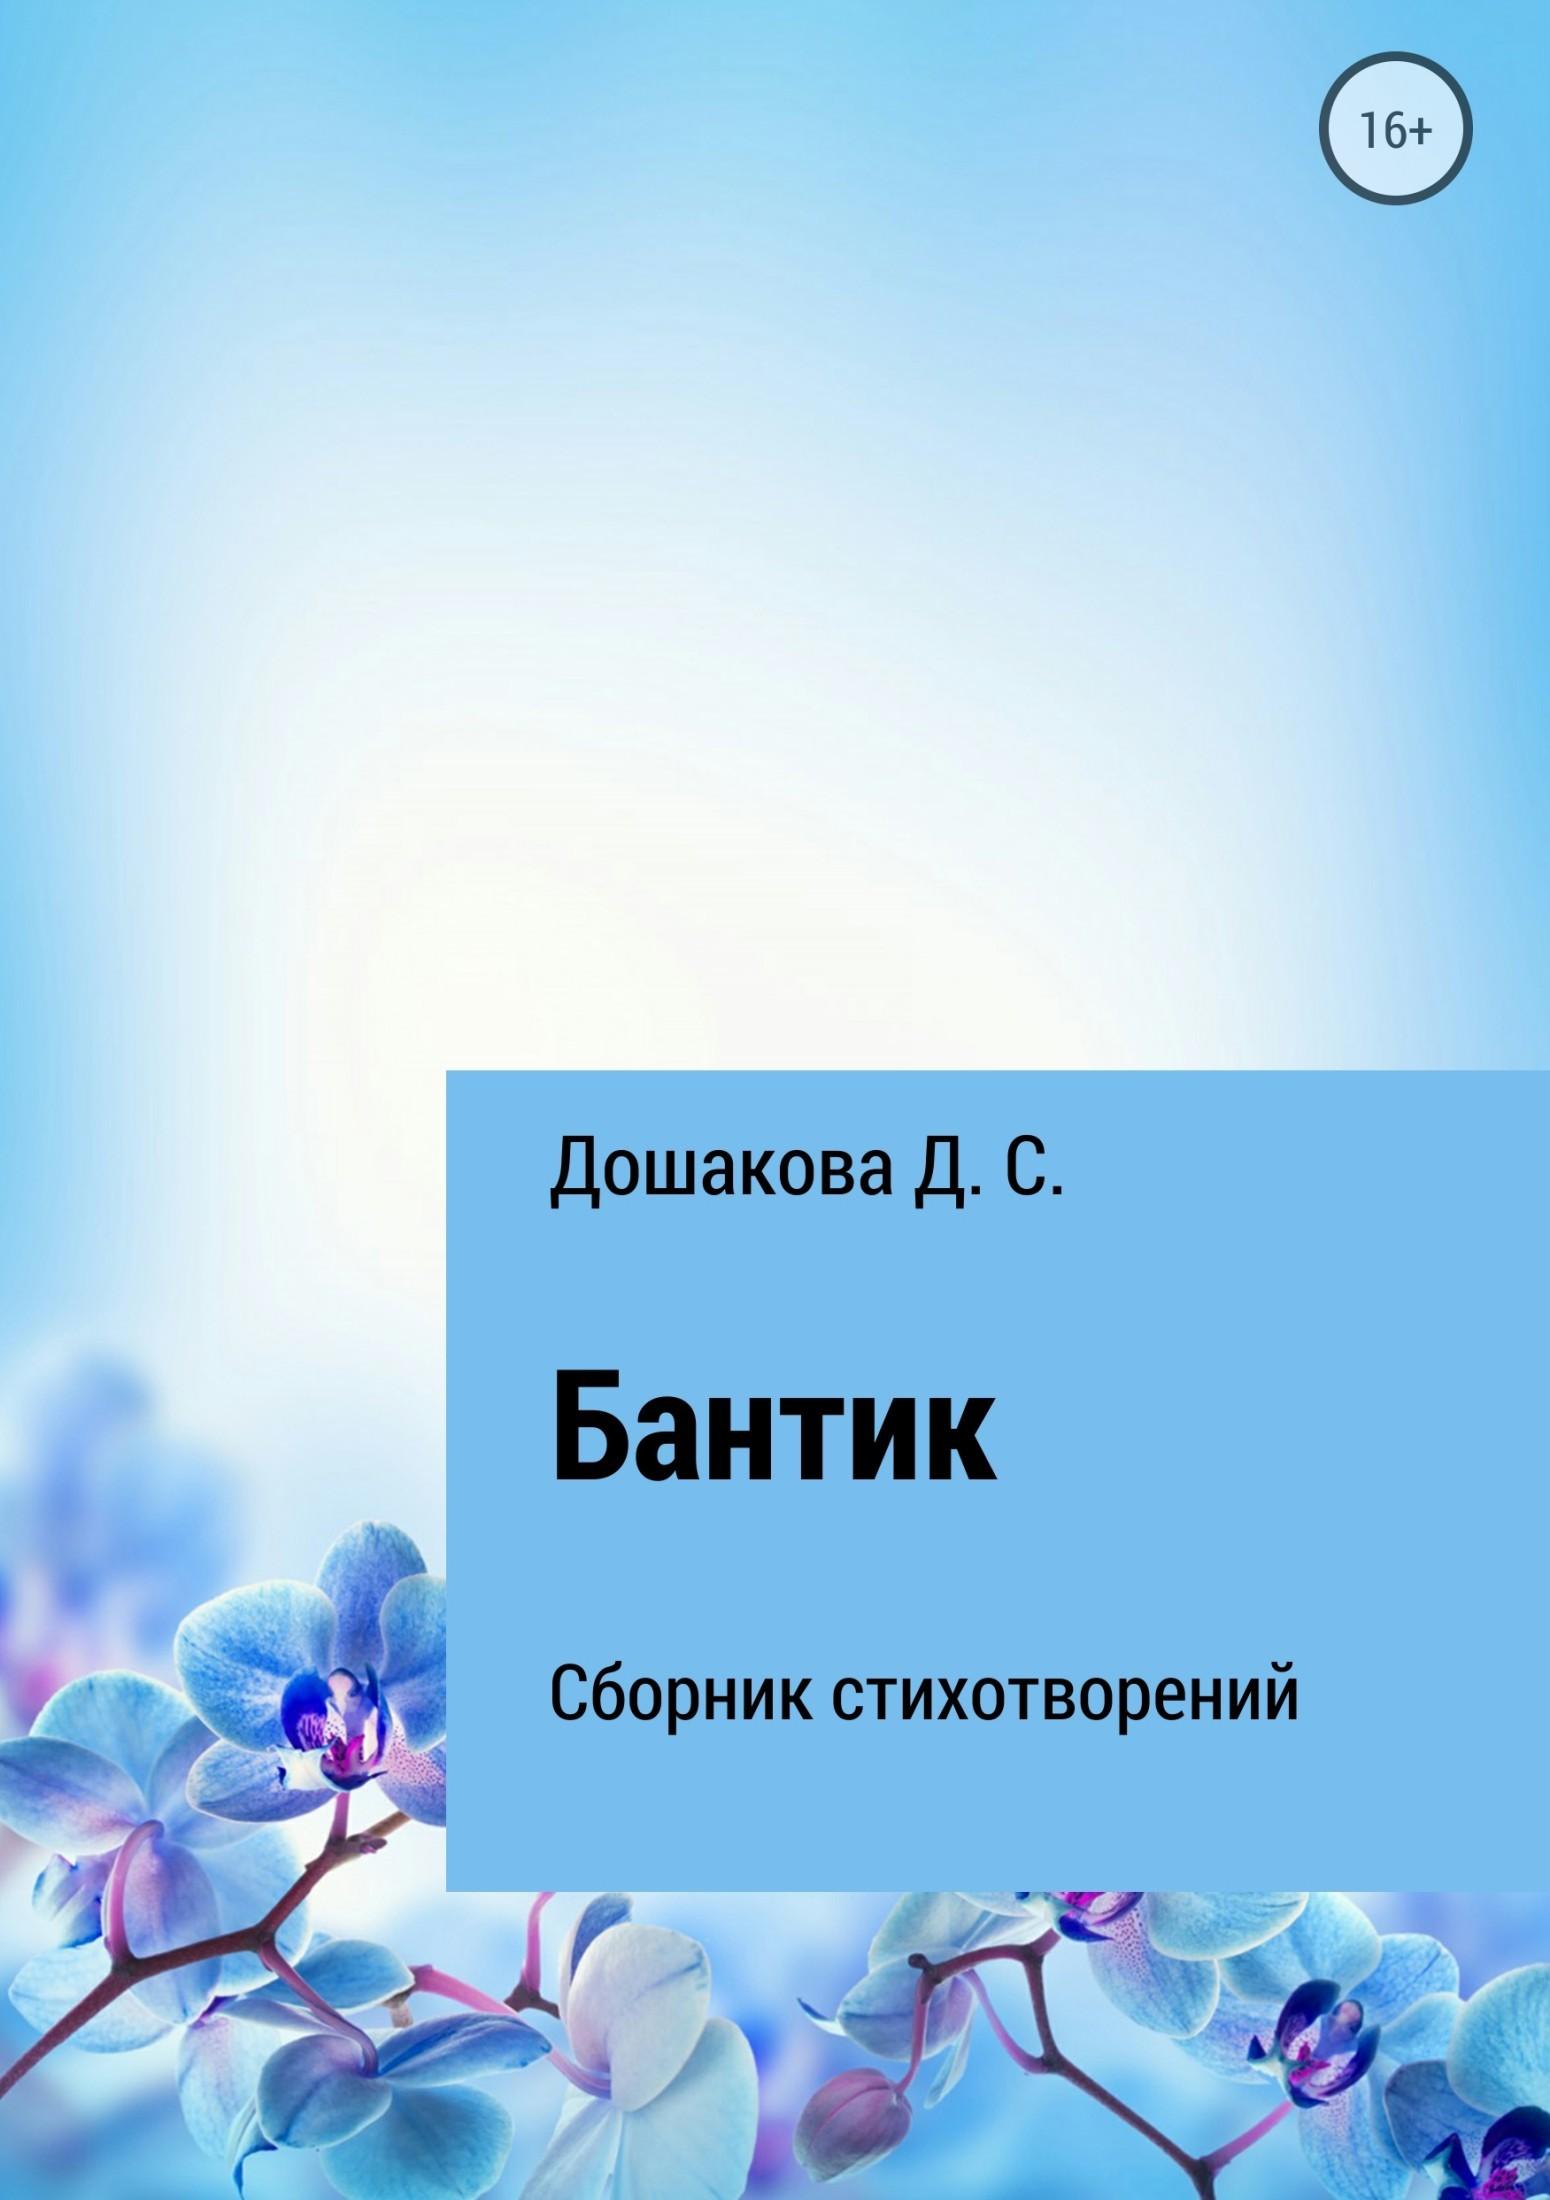 Д. С. Дошакова Бантик кудрявцев и сила мысли обретите состояние мир ваш источник здоровья спокойствия и радости